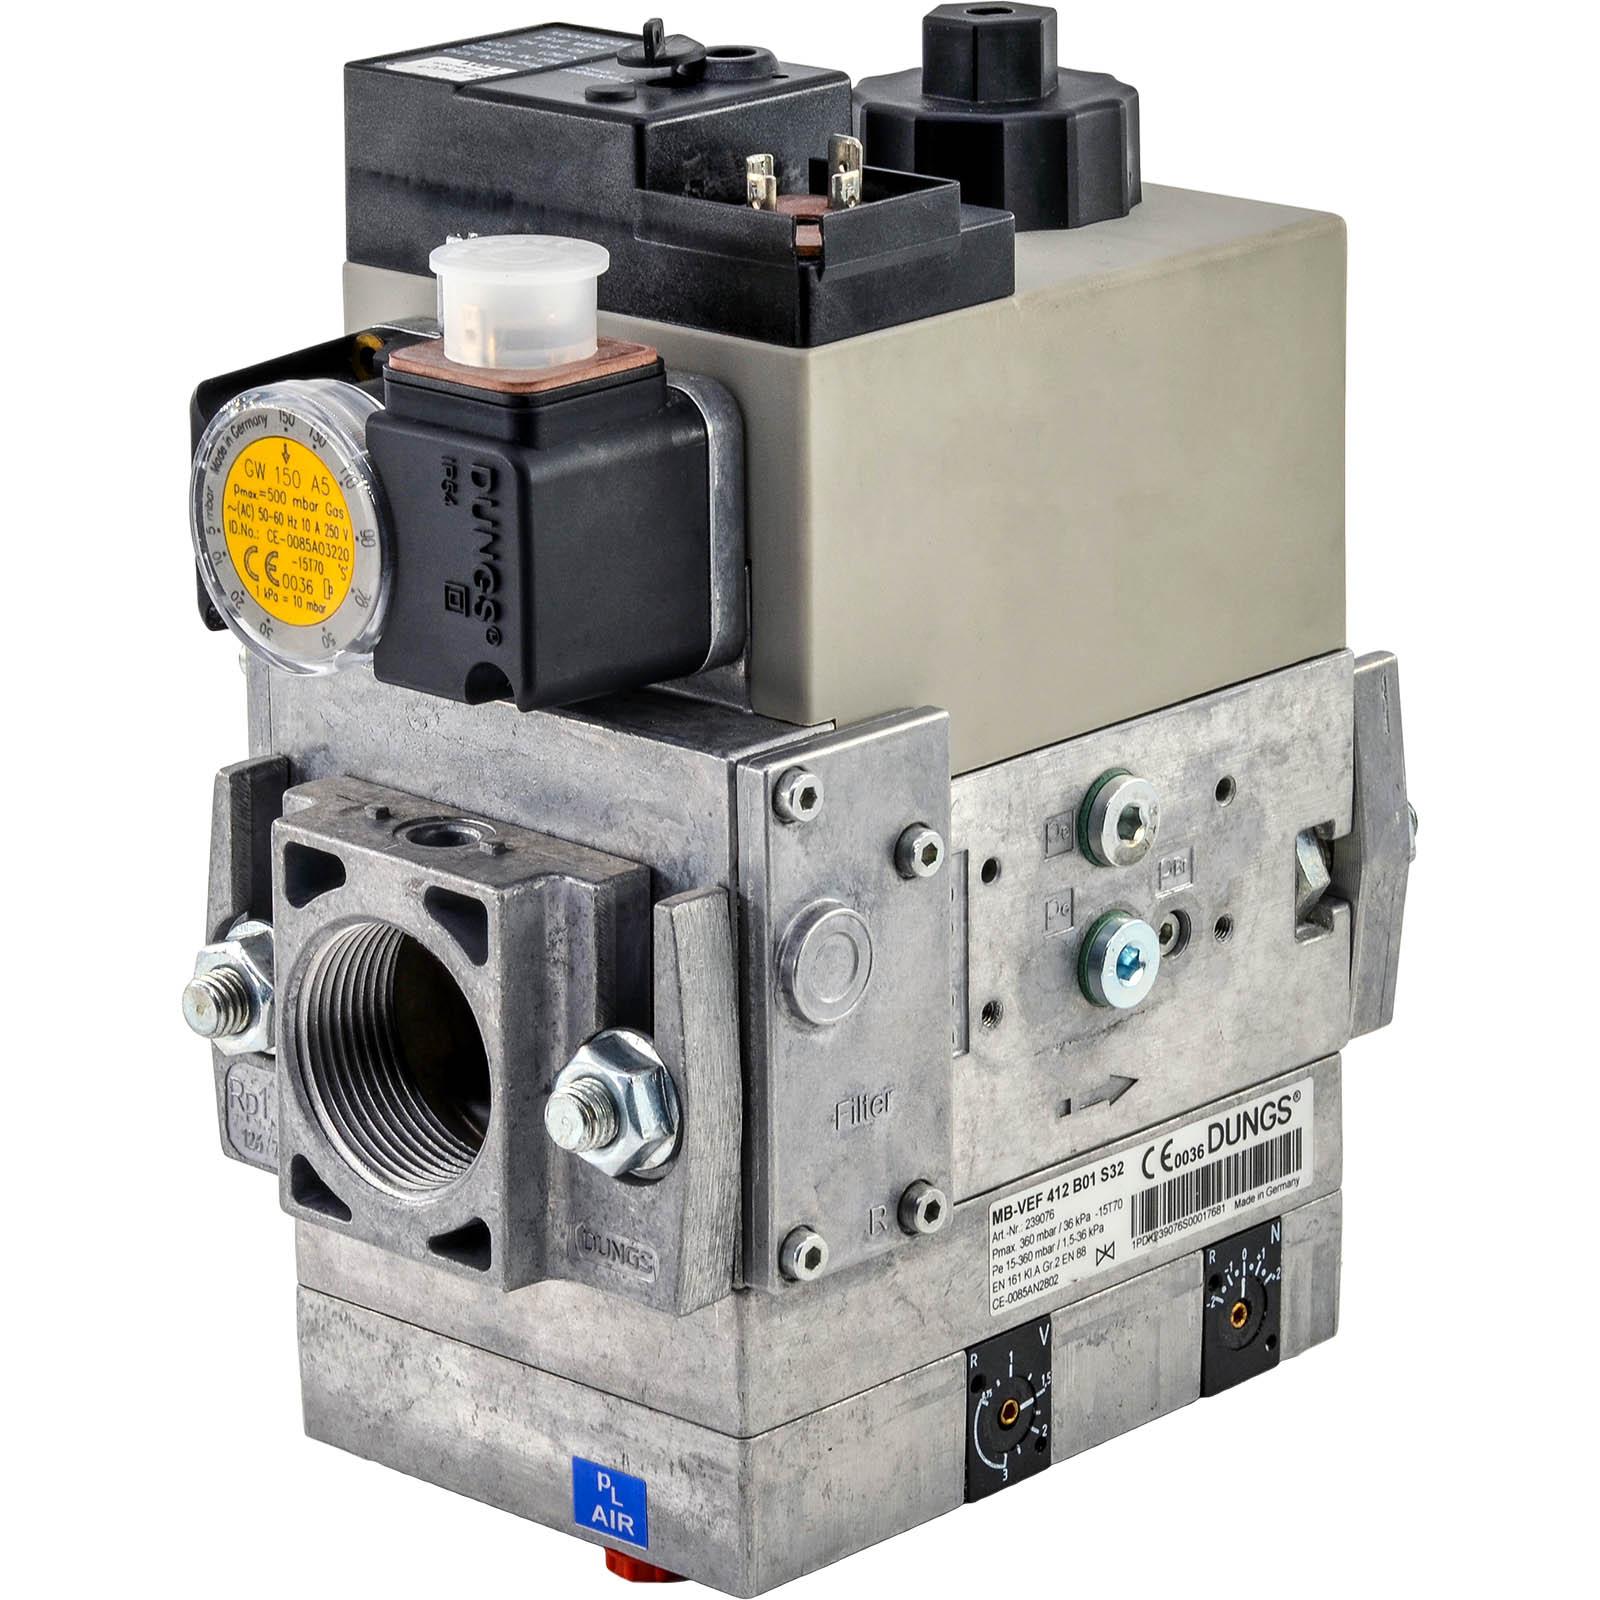 Бесступенчатый мультиблок Dungs MB-VEF 407-412 B01 GasMultiBloc®, модуль регулирования и безопасности, бесступенчатый плавный режим эксплуатации